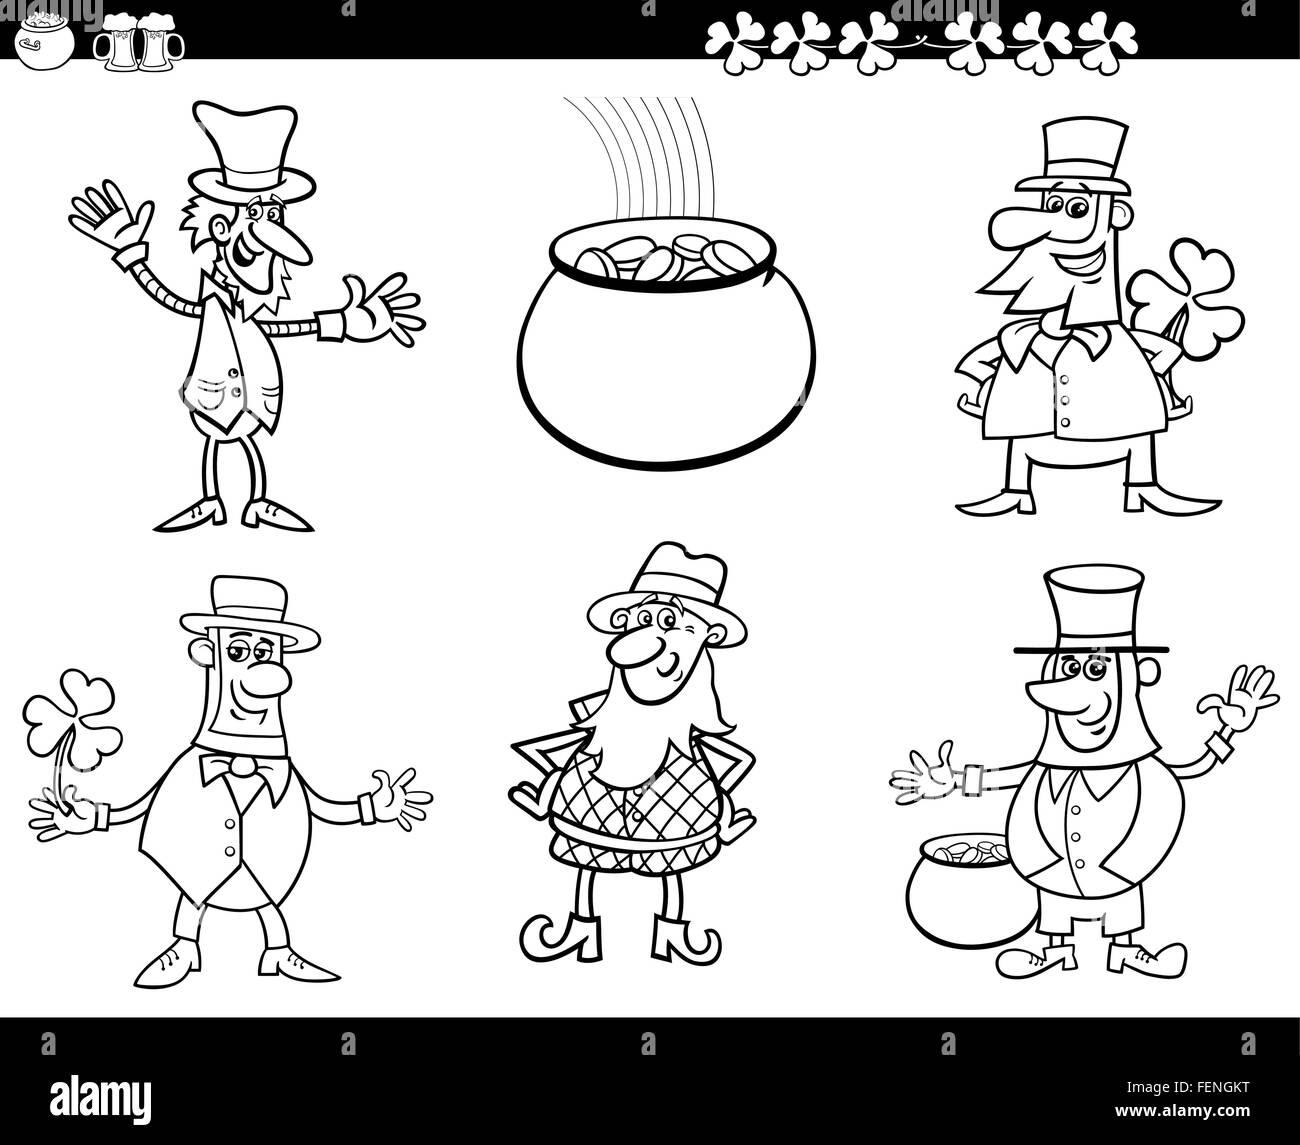 Beste St. Patricks Day Klee Malvorlagen Fotos - Malvorlagen Von ...